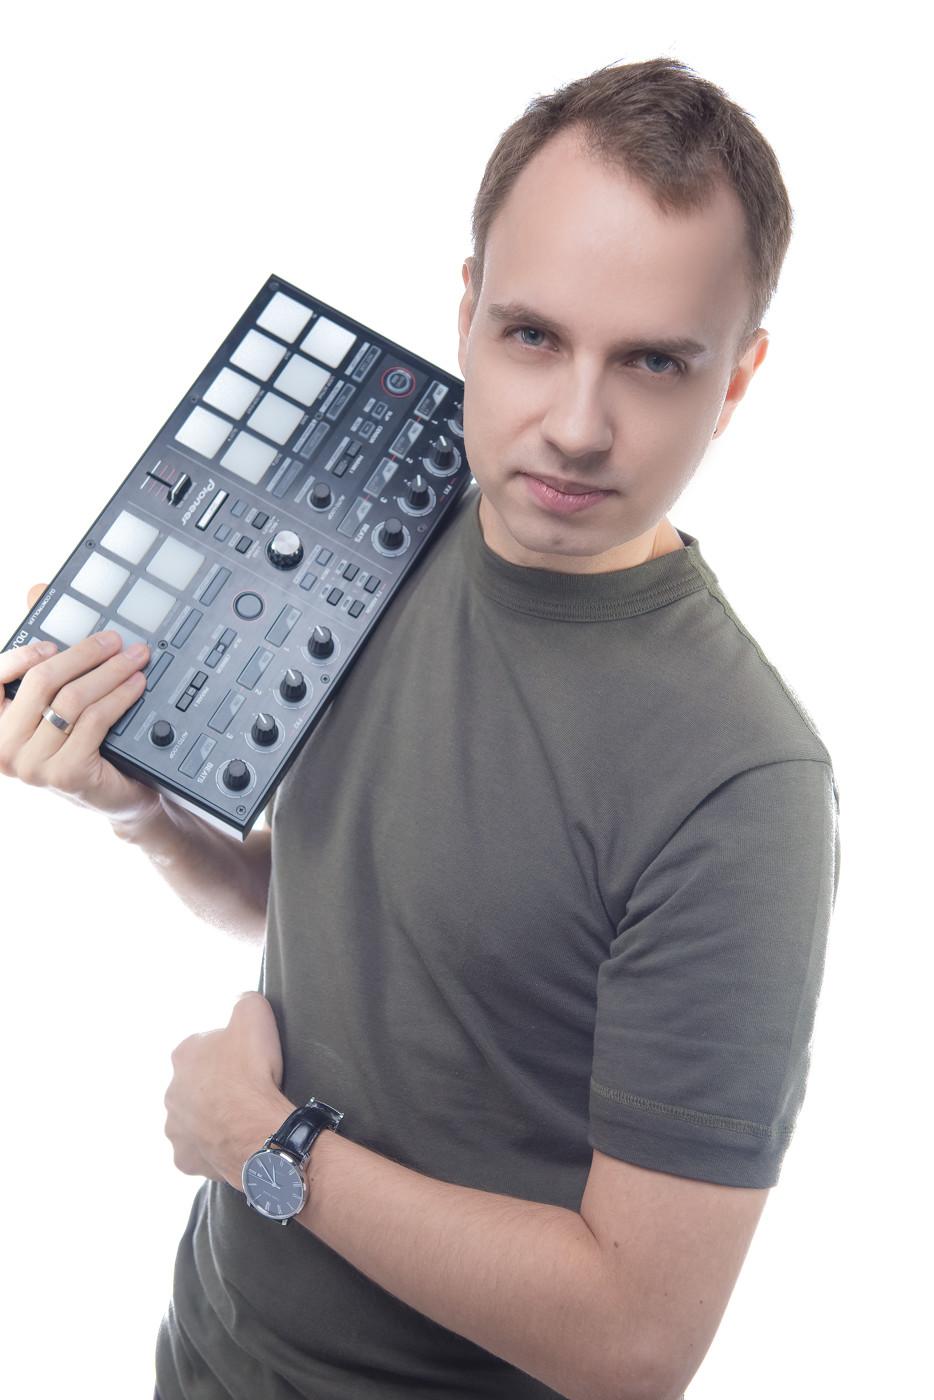 Dmitry V